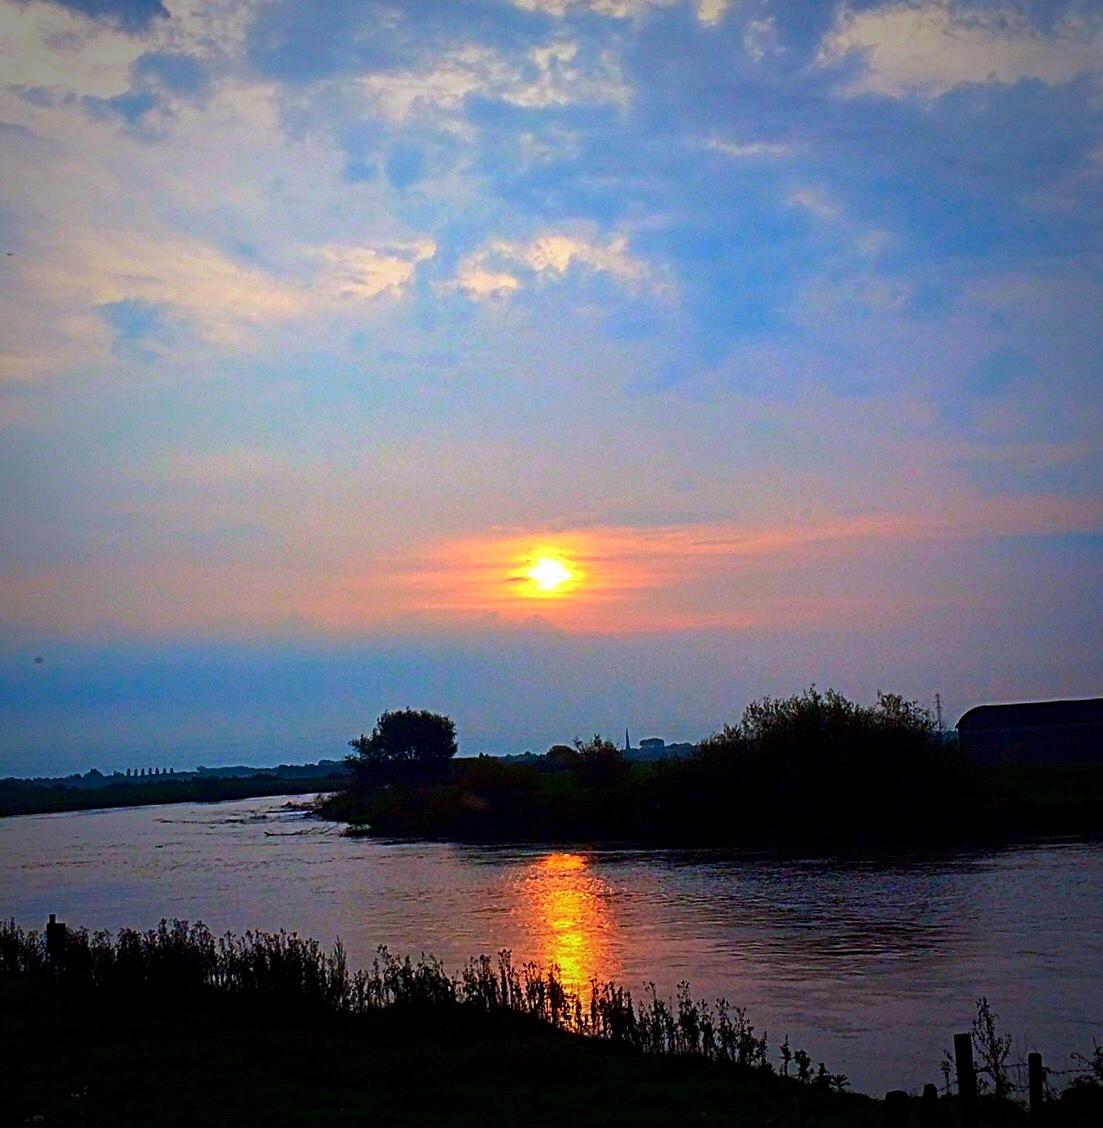 Sunrise by Tyke121